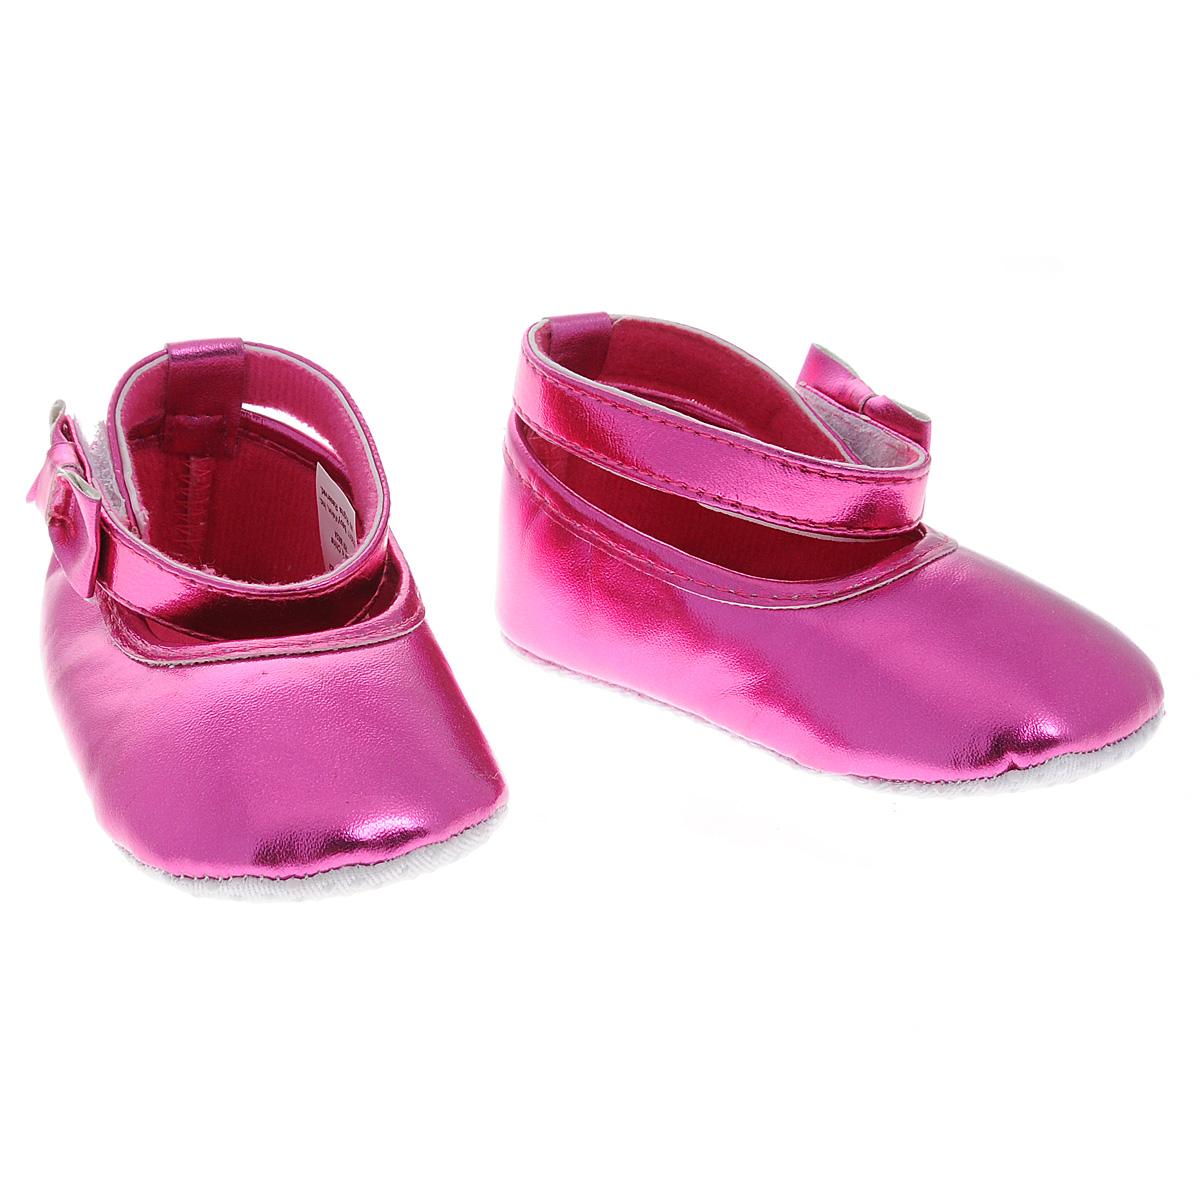 Пинетки для девочки Luvable Friends Балетки с бантиком, цвет: малиновый. 11153. Размер 6/12мес11153Оригинальные детские пинетки для девочки Luvable Friends, стилизованные под Балетки - это легкая и удобная обувь для малышей. Удобная застежка на липучке сбоку, декорированная очаровательным бантиком и надежно фиксирующая пинетки на ножке малышки, мягкие, не сдавливающие ножку материалы делают модель практичной и популярной. Стопа оформлена прорезиненным рельефным рисунком, благодаря которому ребенок не будет скользить.Такие пинетки - отличное решение для малышей и их родителей!